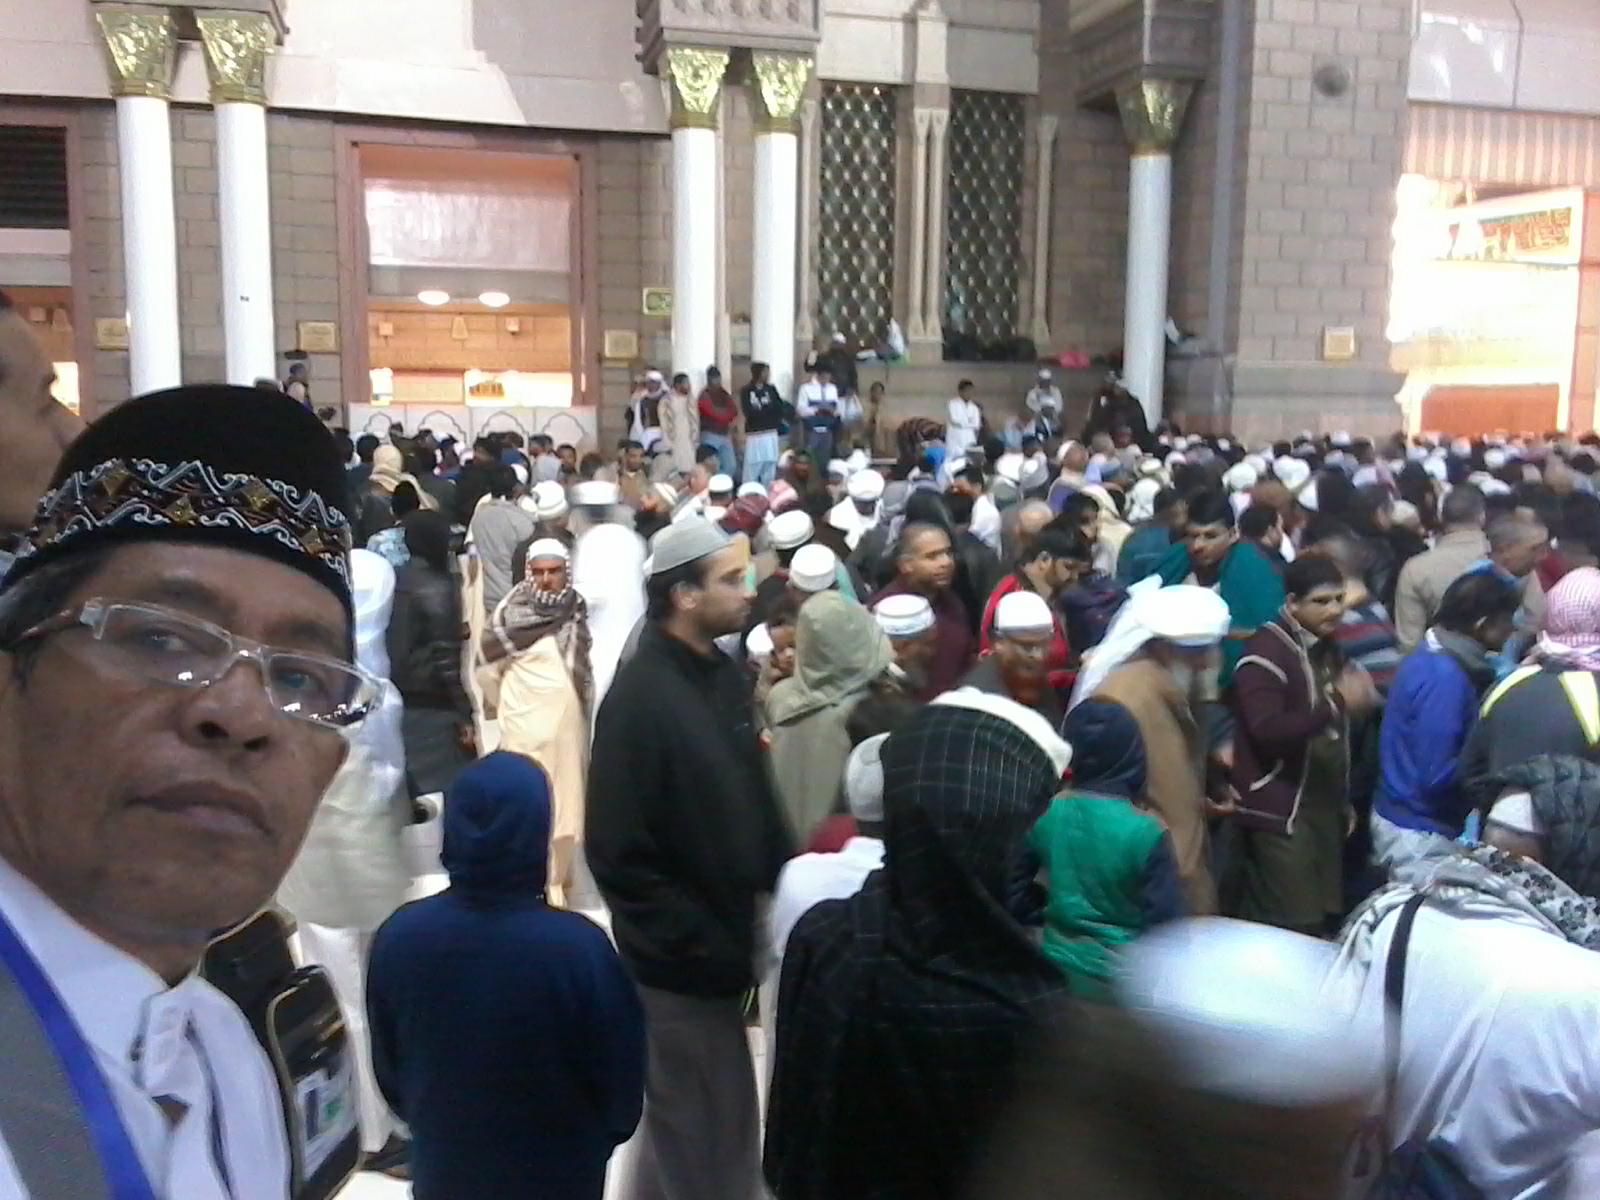 Arus jamaah mengalir bagai air bah menuju pintu masuk makam Rasulullah di Mesjid Nabawi, Madinah (foto dok Nur Terbit)